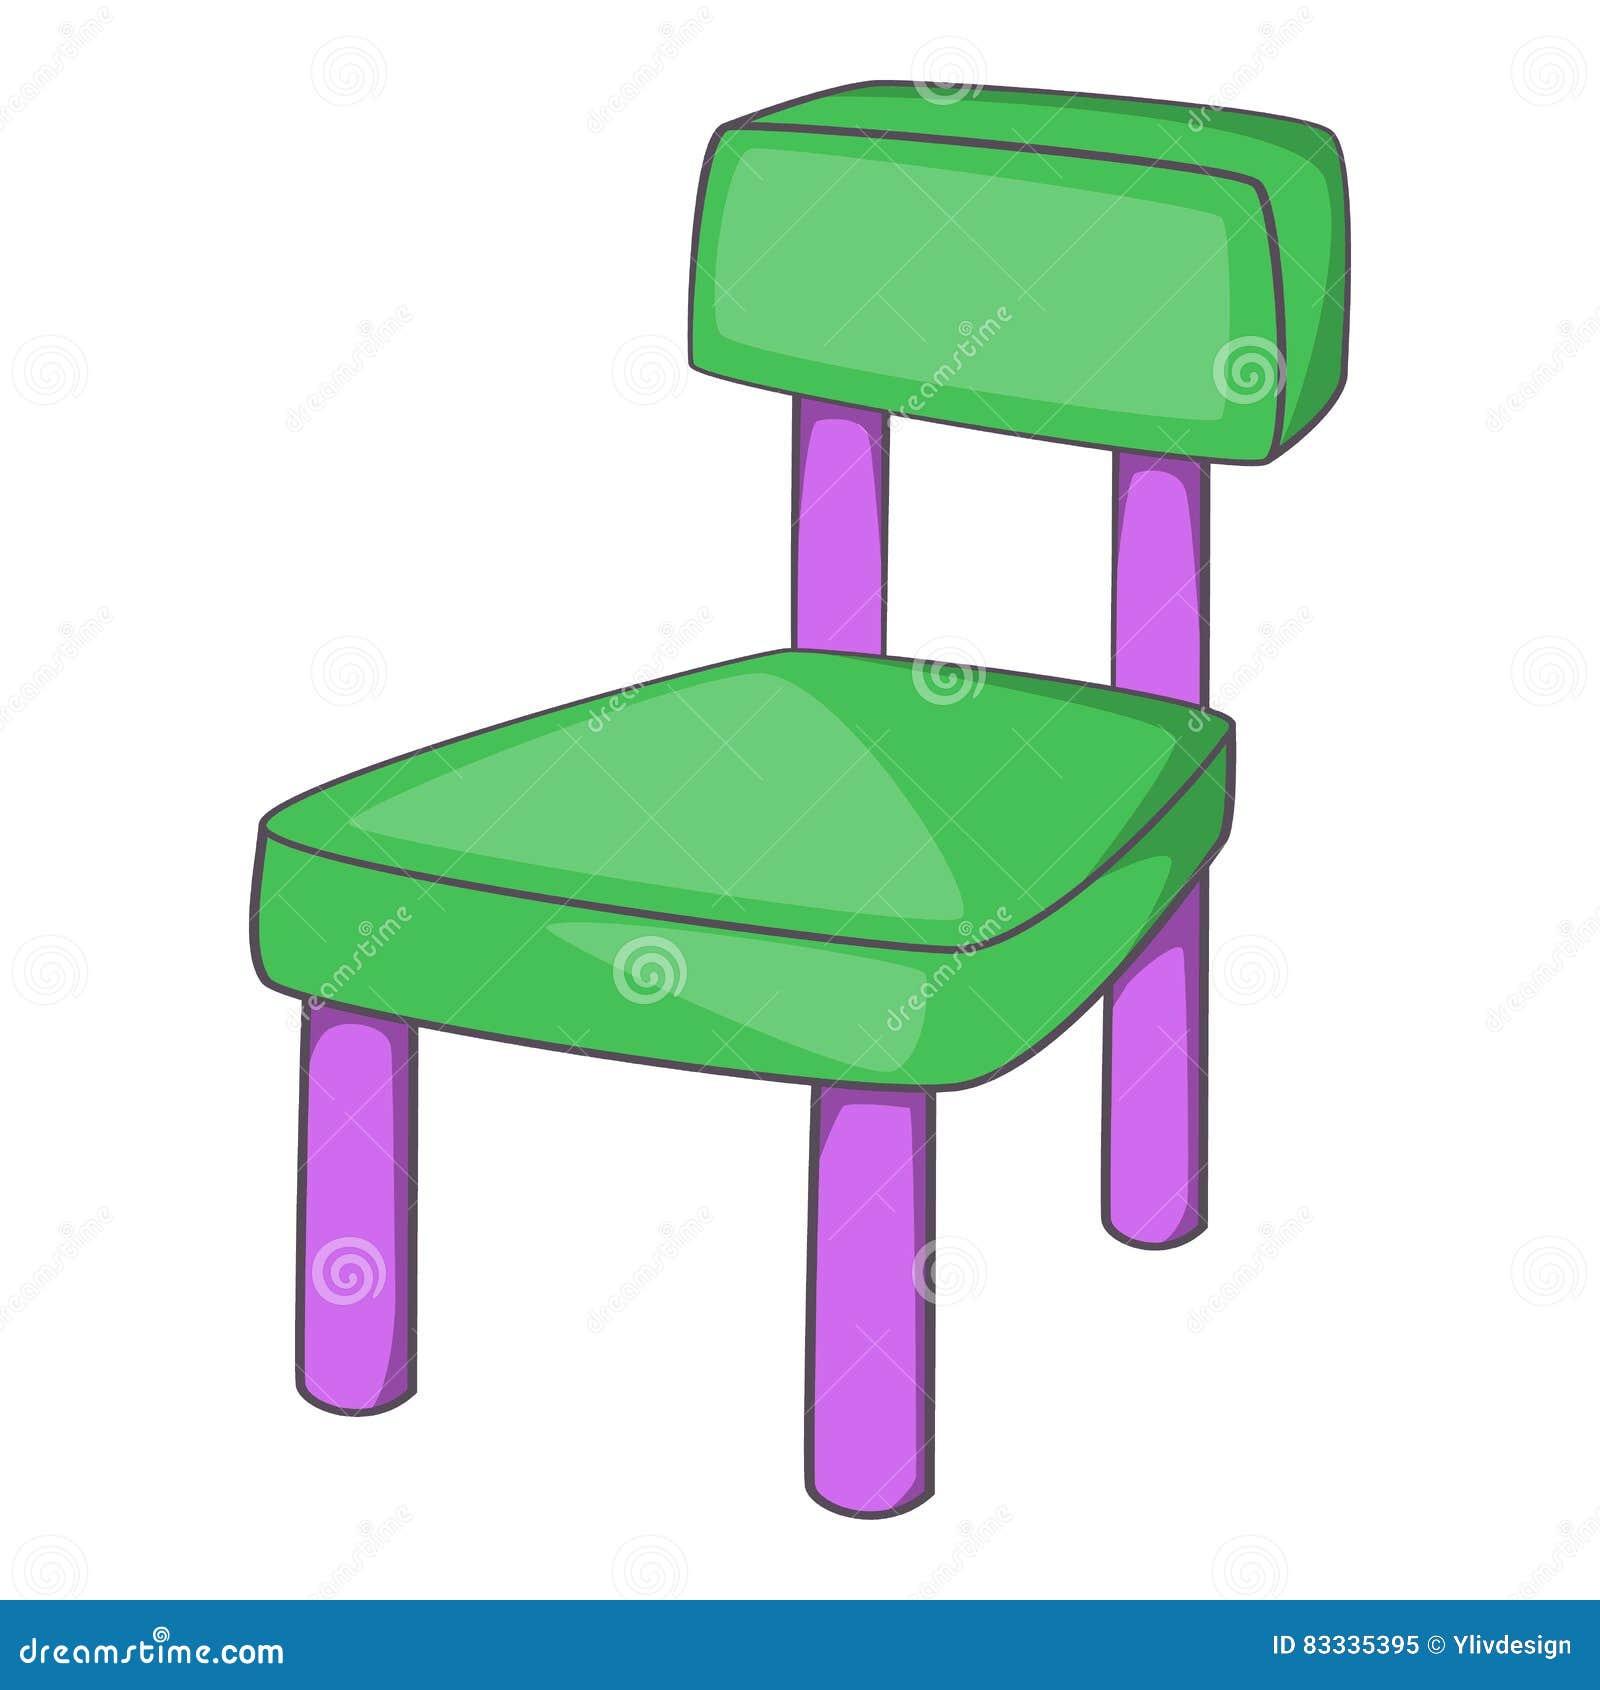 Children chair icon, cartoon style